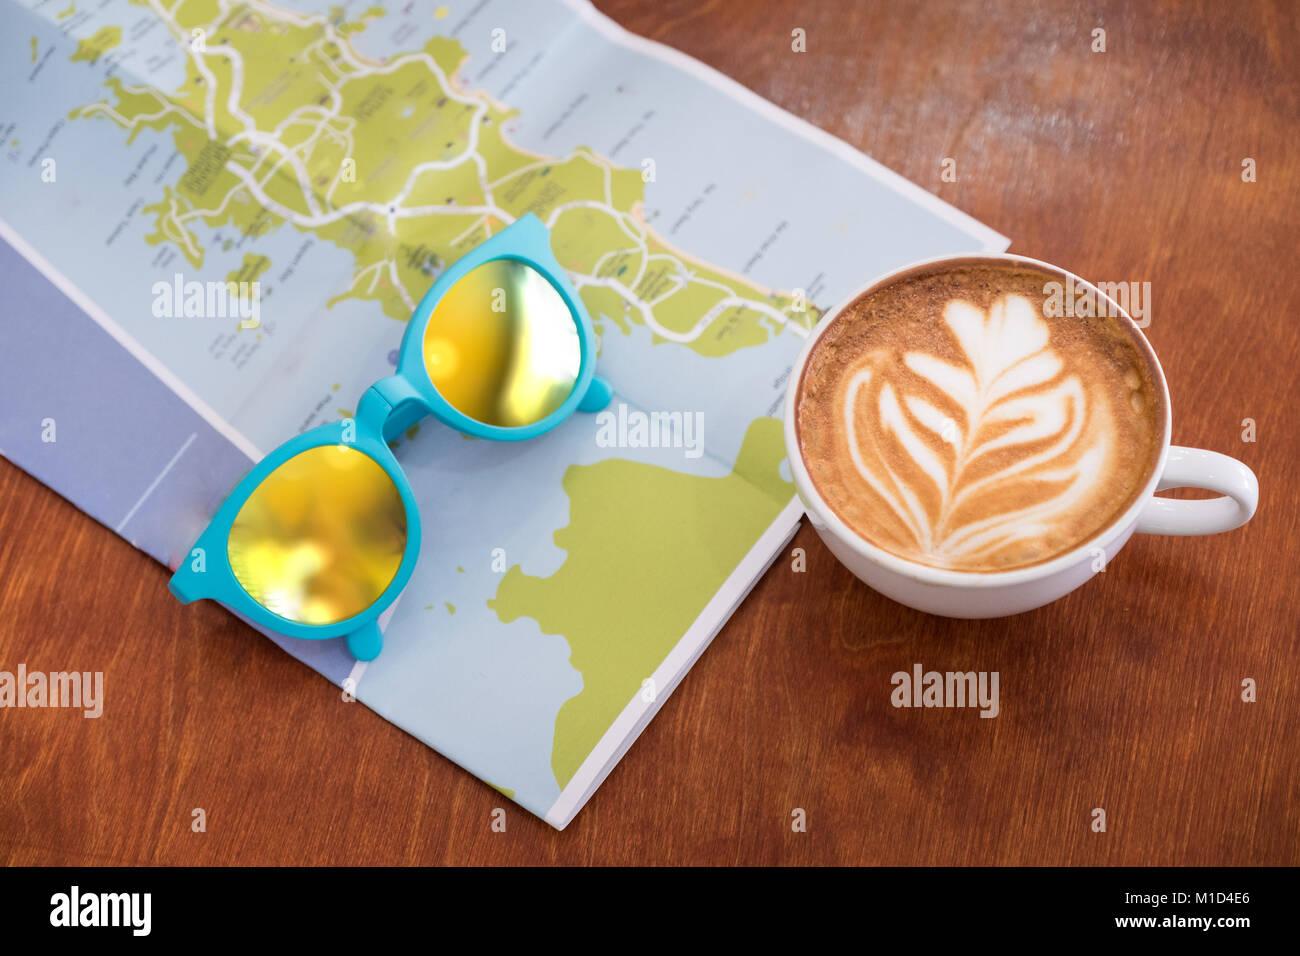 Blanco con taza de café latte arte con mapa de viaje y gafas de sol sobre la mesa de madera marrón,actividad Imagen De Stock